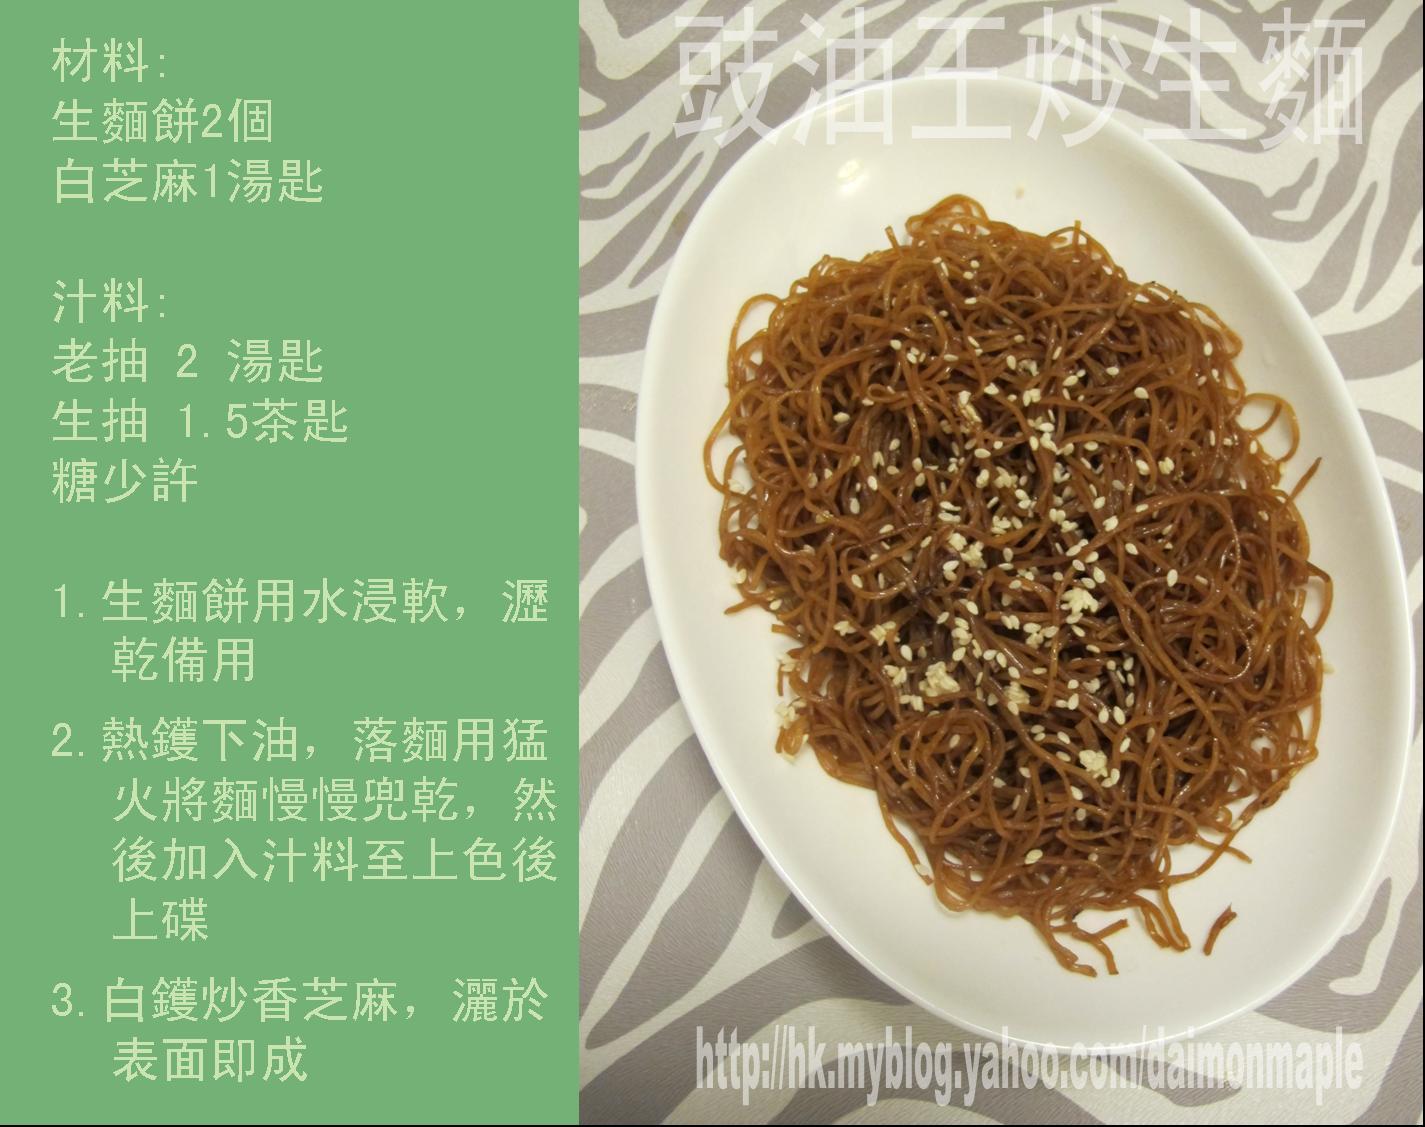 大蚊廚房 : 豉油王炒生麵